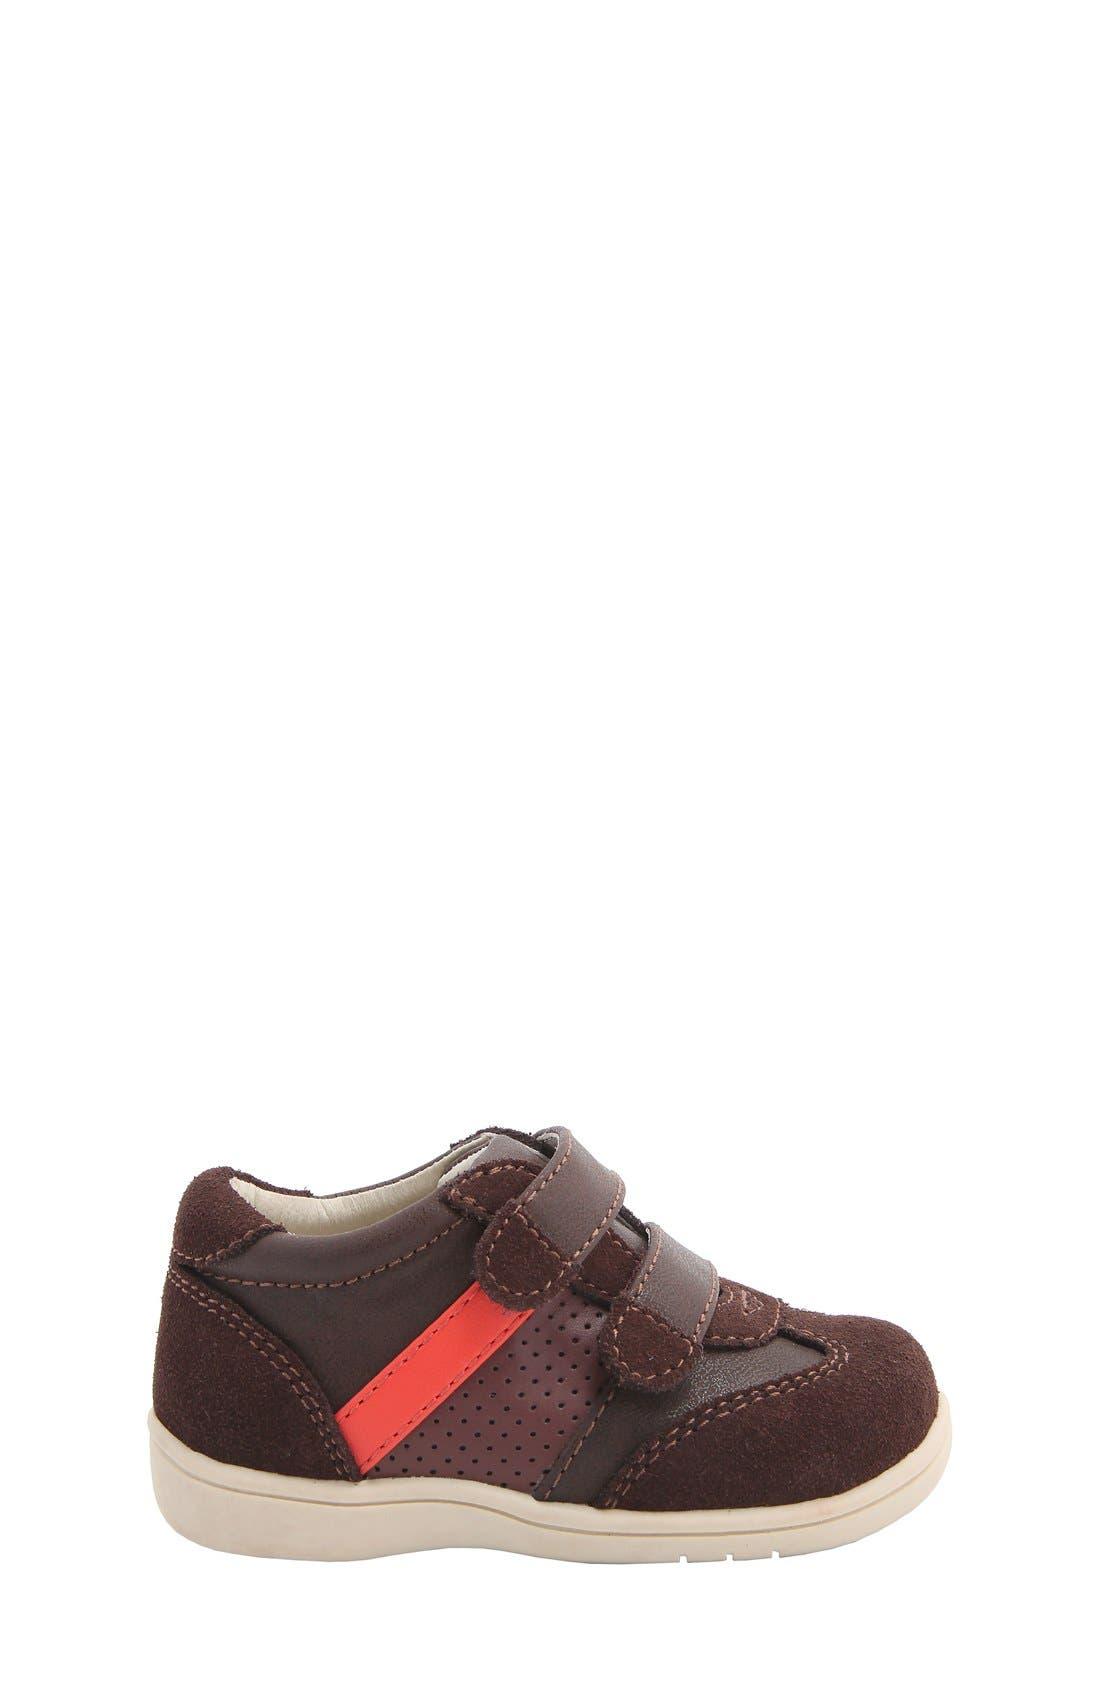 Nina 'Everest' Sneaker,                             Alternate thumbnail 32, color,